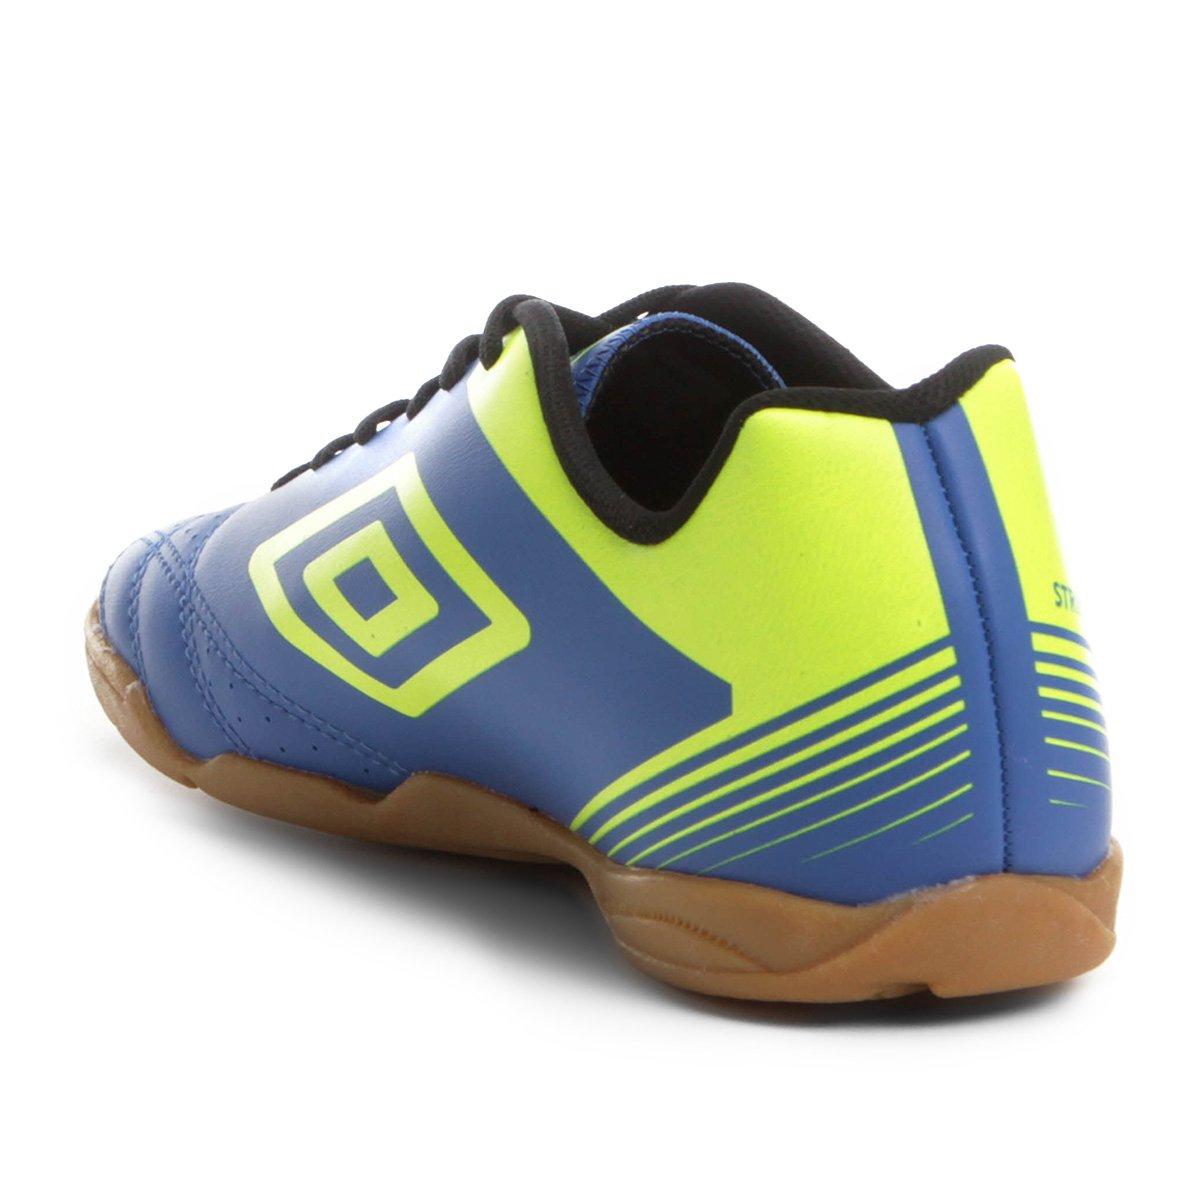 Chuteira Futsal Umbro Striker IV - Azul e Preto - Compre Agora ... 17ded5f7af9c1